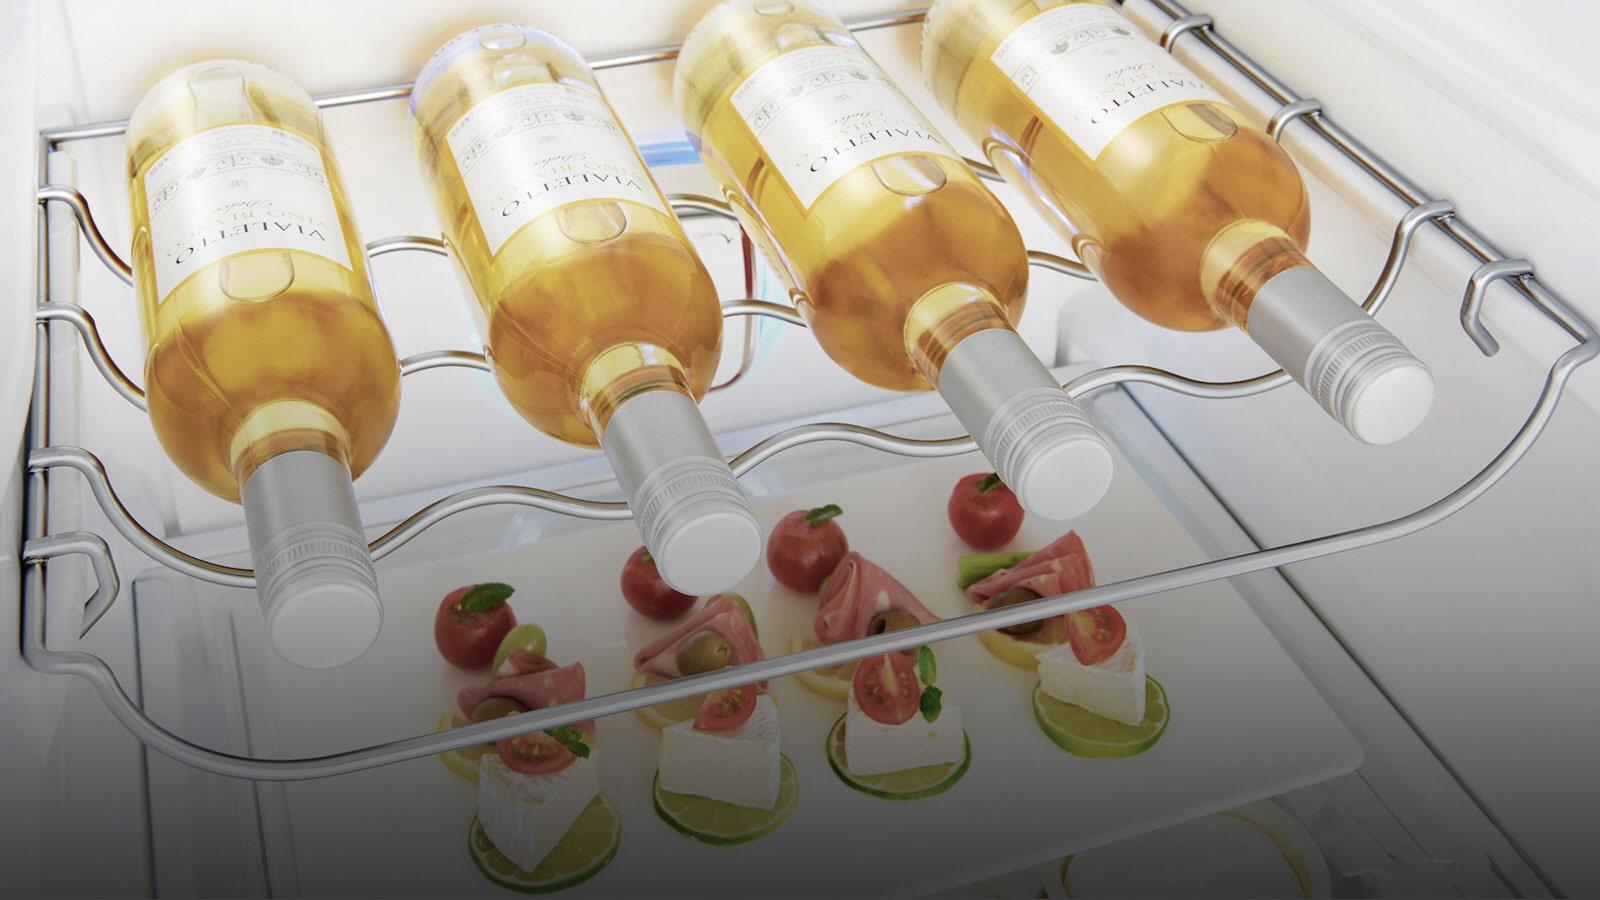 Bouteilles de vin stockées dans le porte bouteilles dédié